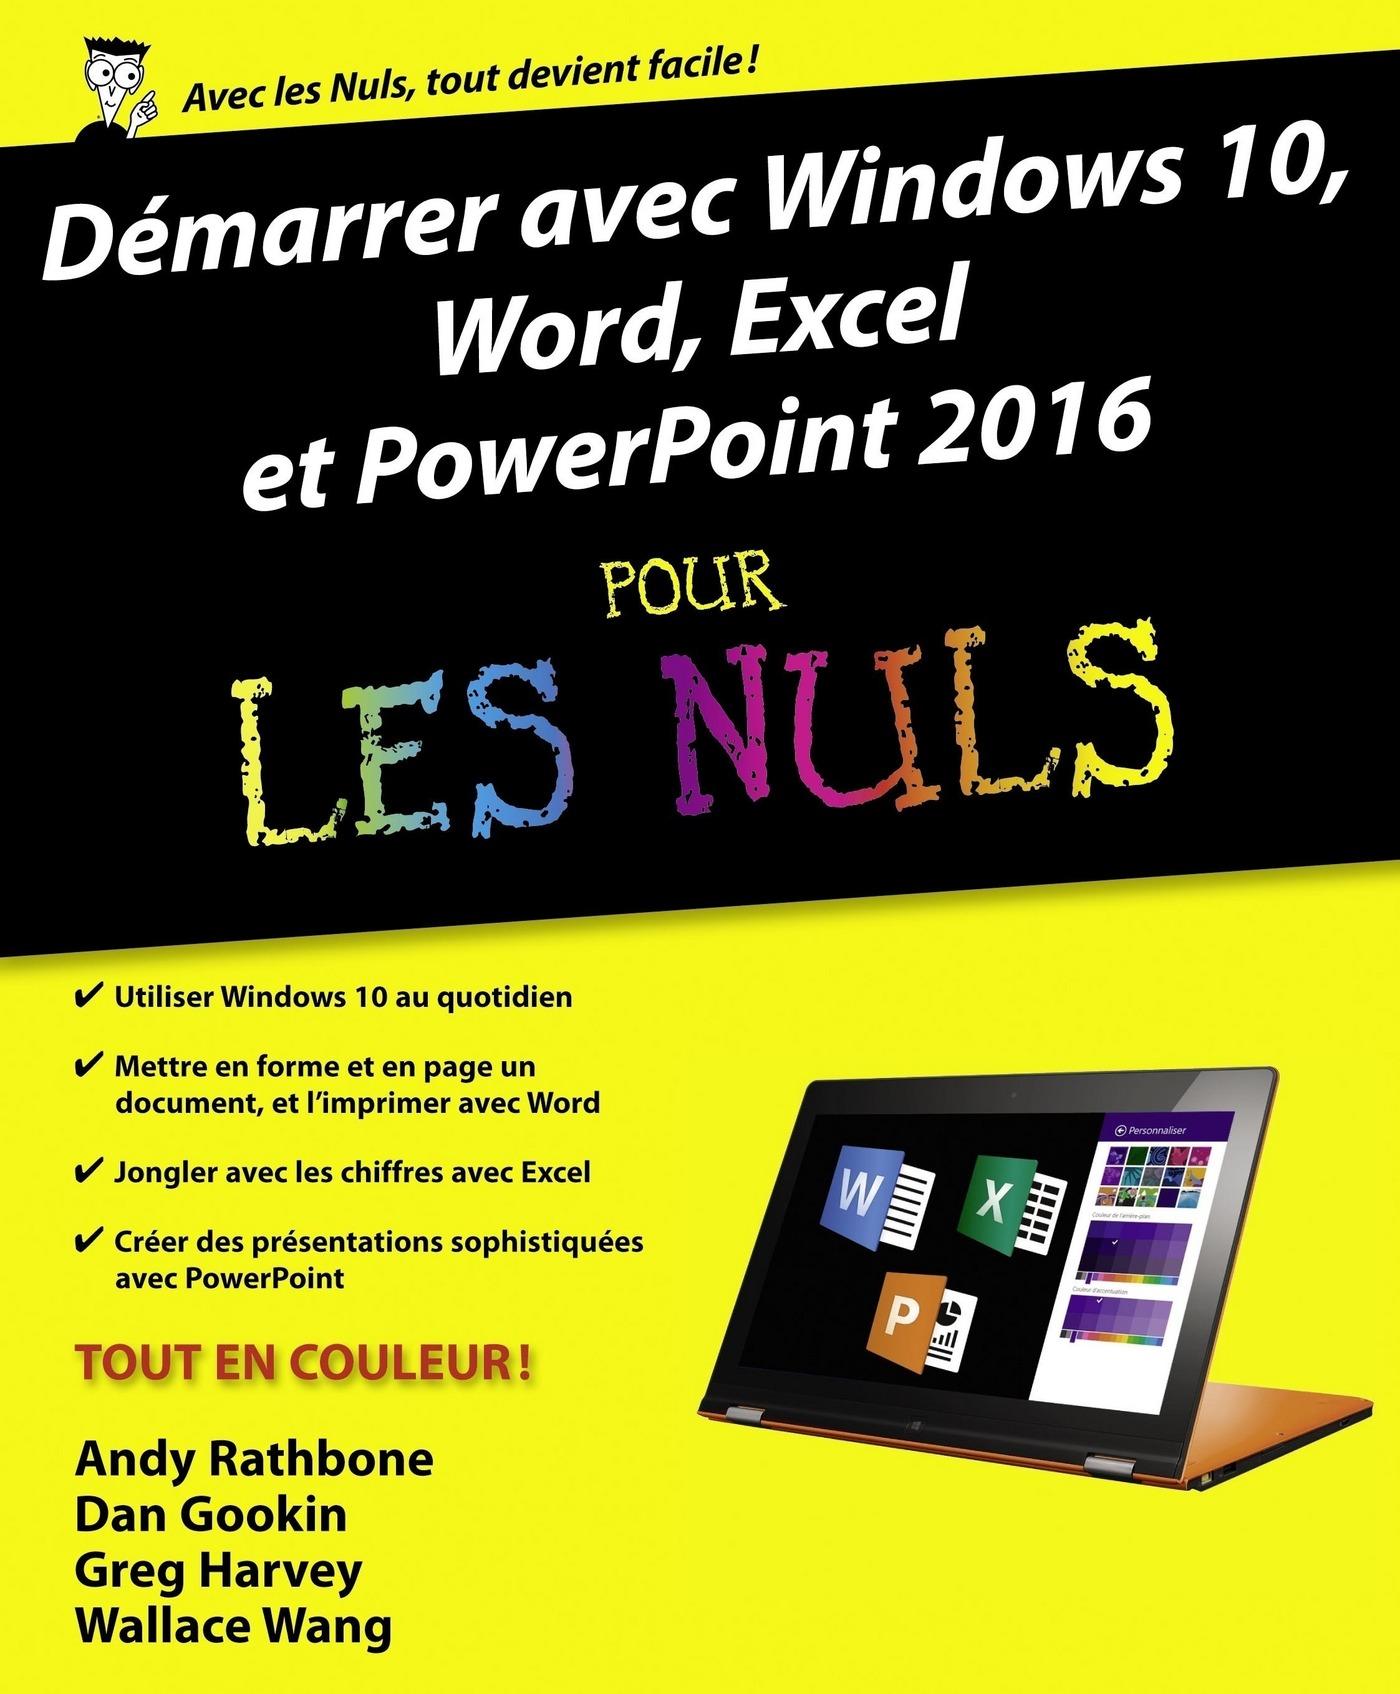 Démarrer avec Windows 10, Word, Excel et Powerpoint 2016 pour les Nuls (ebook)